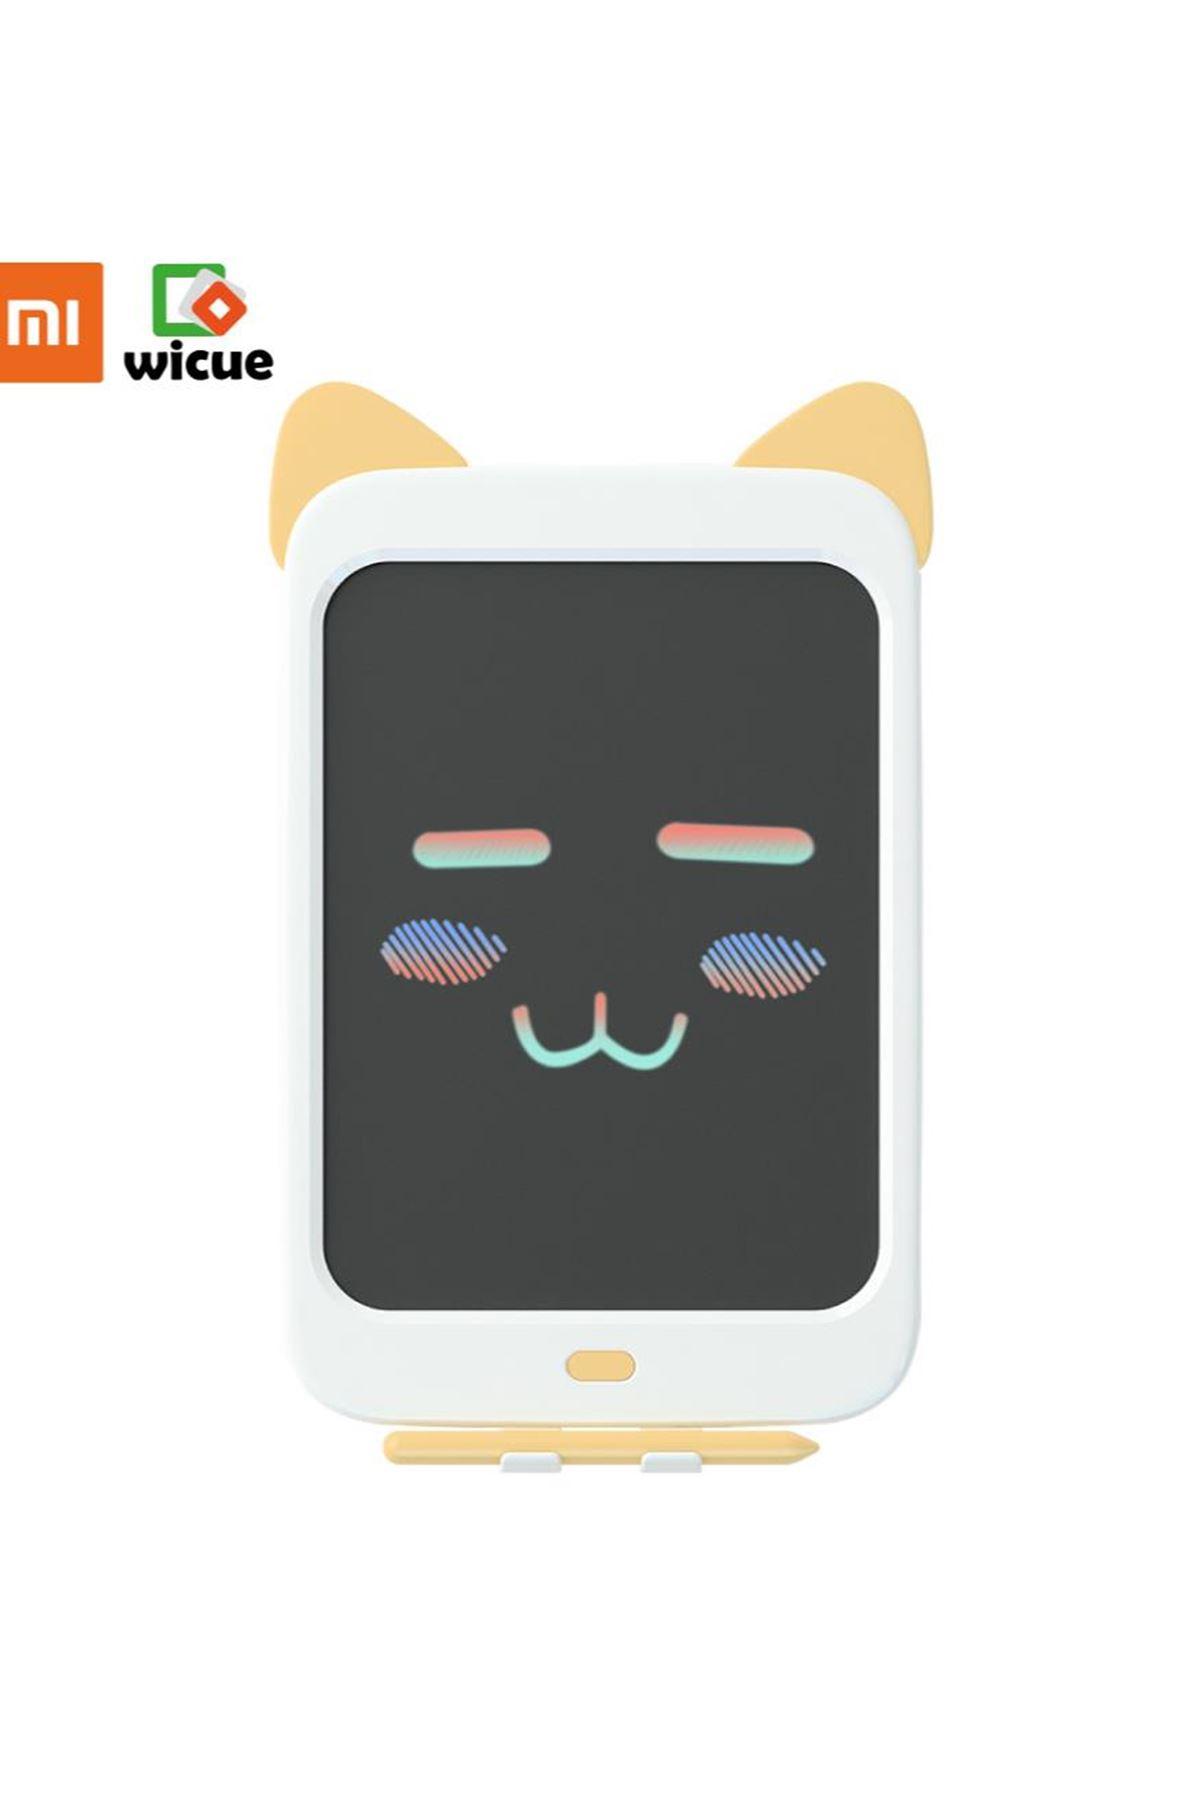 Xiaomi Wicue 10 Sarı Kedi LCD Dijital Renkli Çizim Tableti